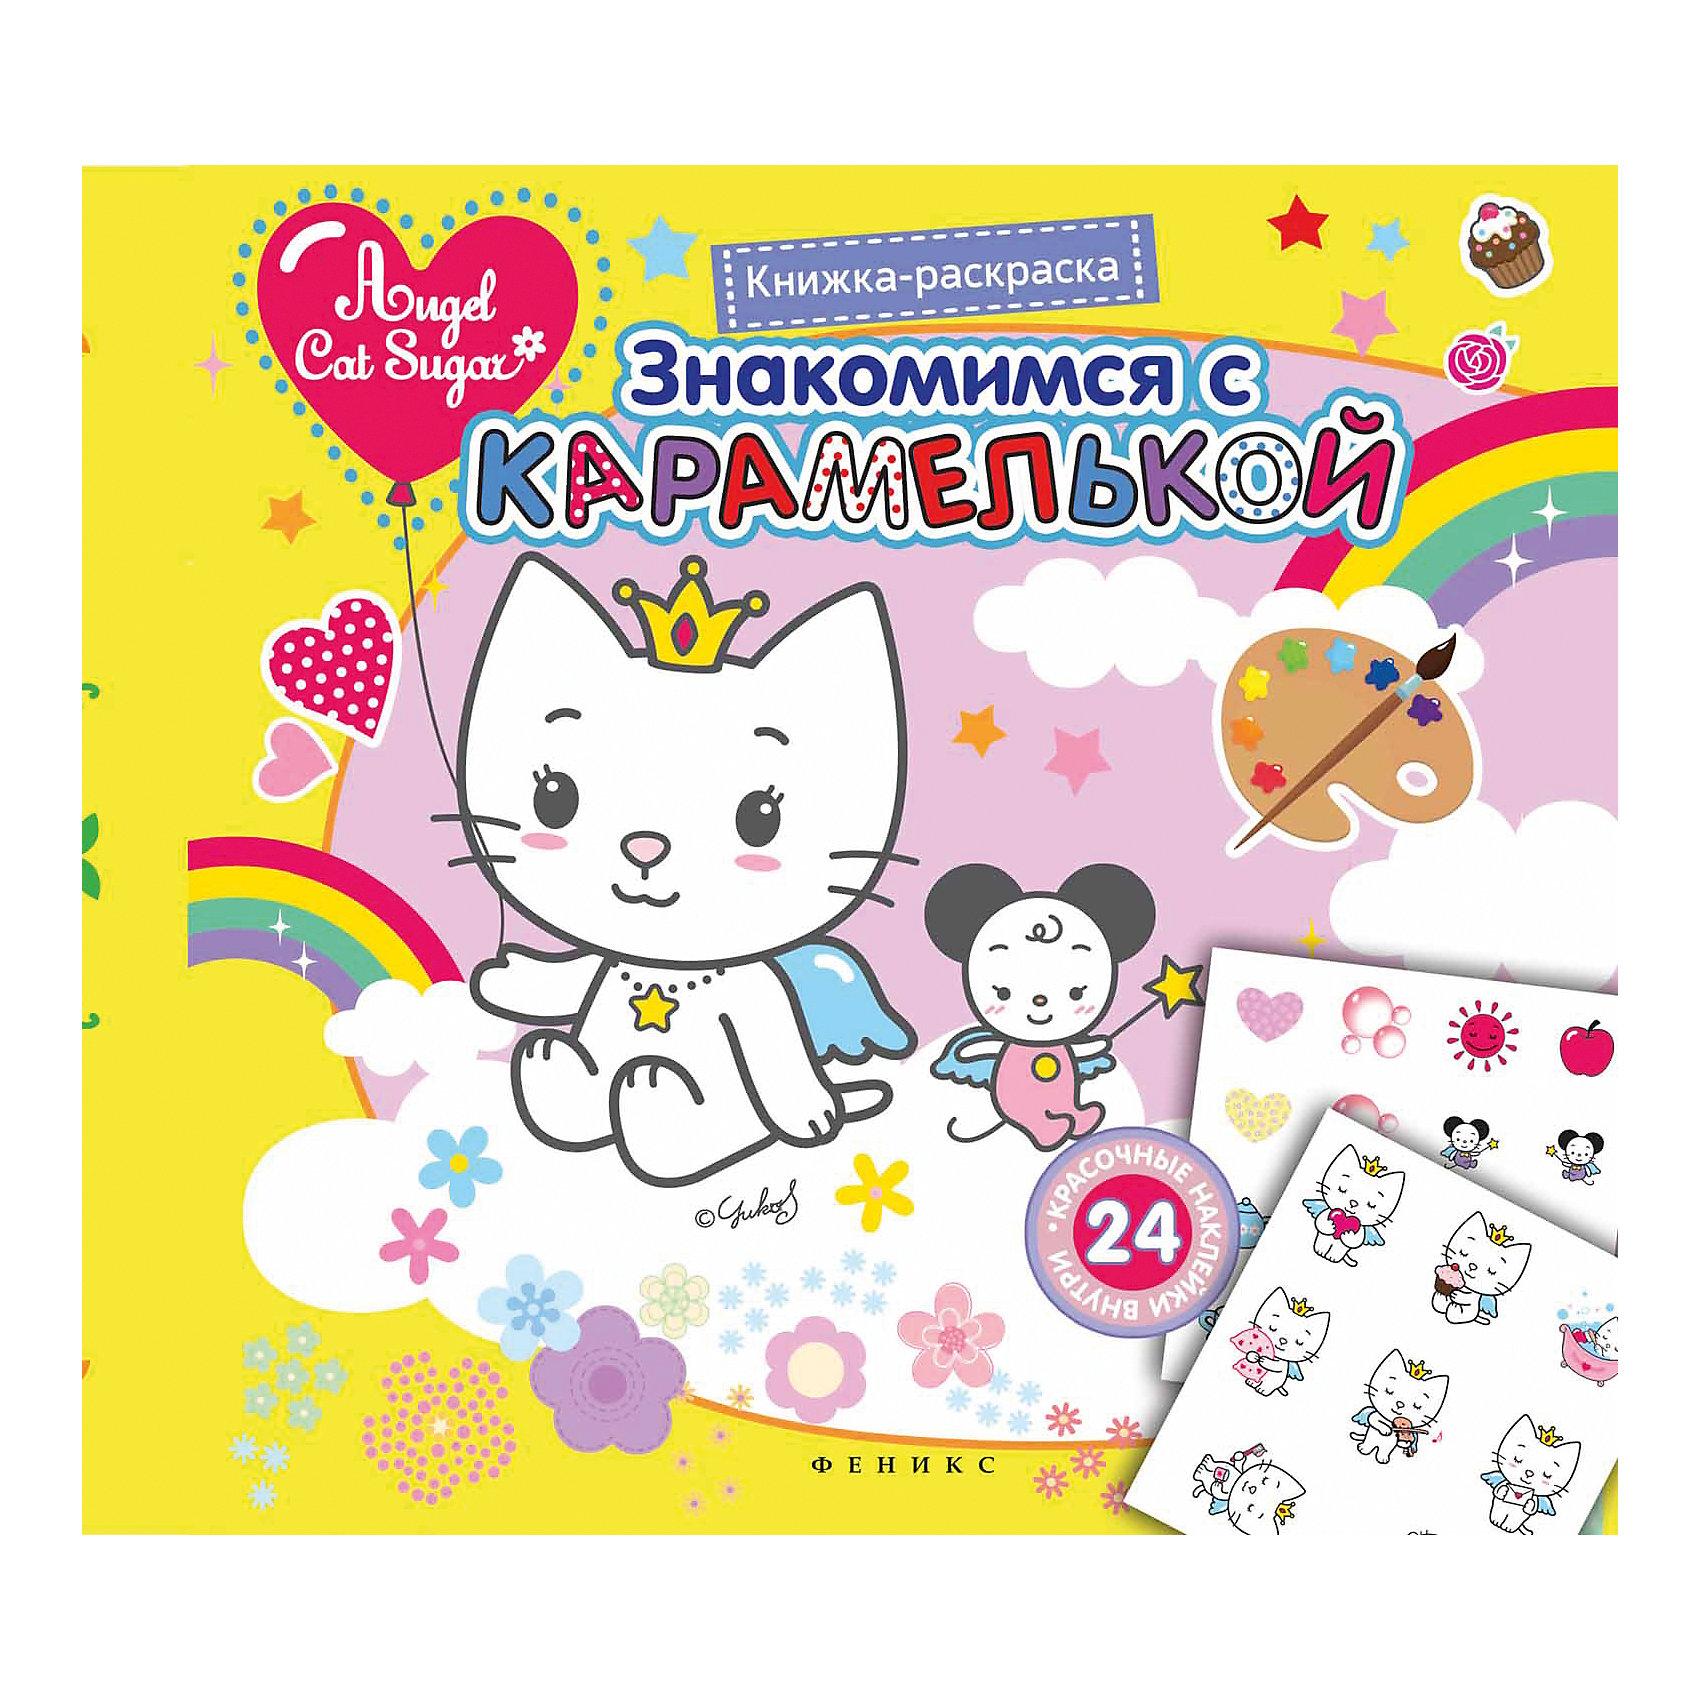 Знакомимся с Карамелькой: книжка-раскраскаКниги для развития творческих навыков<br>Angel Cat Sugar - известная героиня, которая наделена невероятной способностью дарить окружающим радость и счастье! Теперь она есть и в России! Раскрашивать вместе с Карамелькой - это не только увлекательное, но и очень полезное занятие: оно развивает мелкую моторику и творческий потенциал, учит работать с цветом.<br>Карамелька и её друзья помогут развить внимательность, аккуратность, с пользой займут ребёнка и подарят ему хорошее настроение!<br><br>Ширина мм: 228<br>Глубина мм: 238<br>Высота мм: 1<br>Вес г: 248<br>Возраст от месяцев: 36<br>Возраст до месяцев: 72<br>Пол: Унисекс<br>Возраст: Детский<br>SKU: 5480307